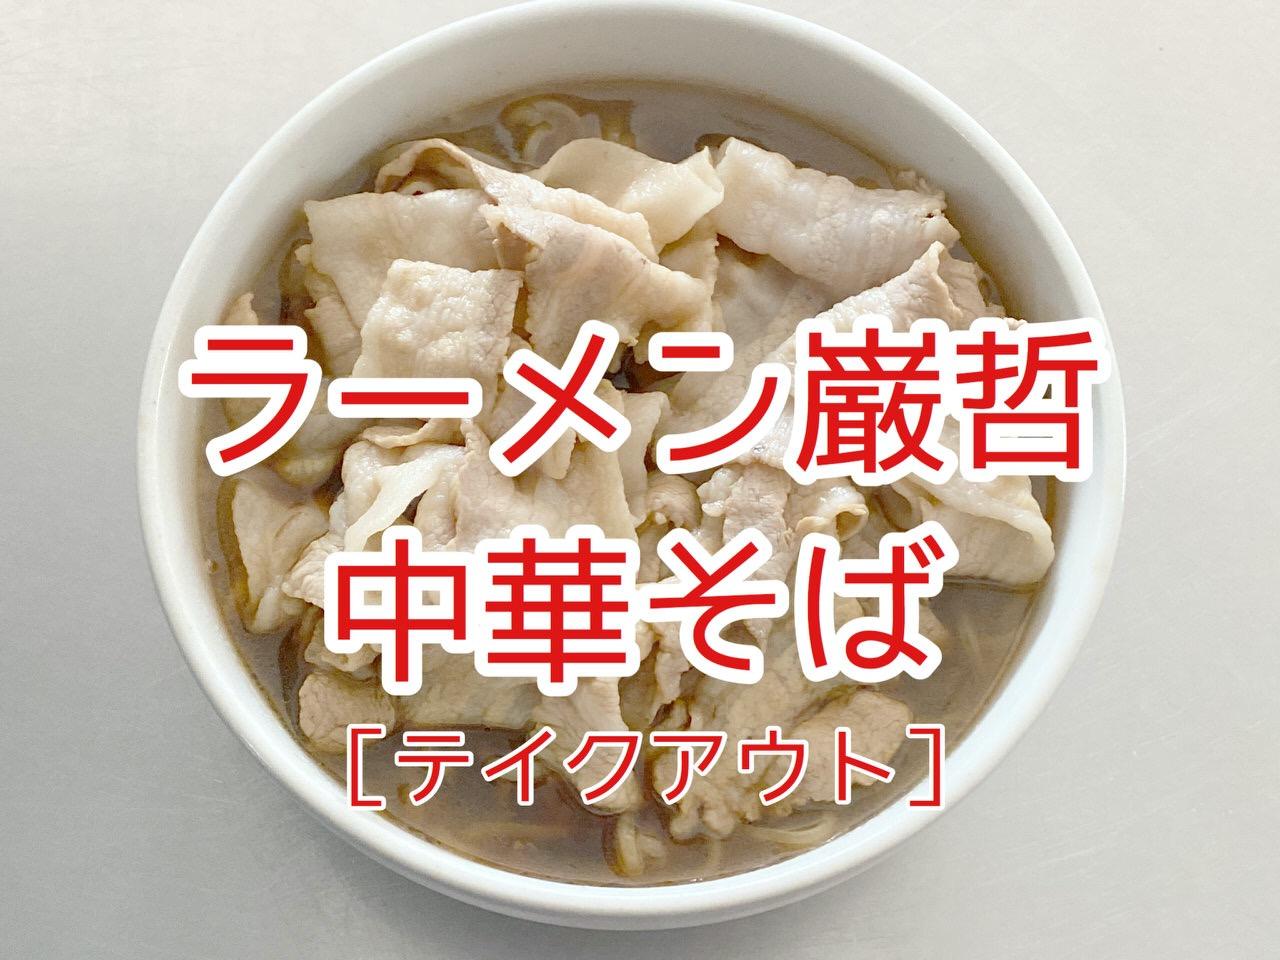 【テイクアウト】西早稲田の名店「ラーメン巌哲」の中華そばで肉てんこもりの肉そばを作る!